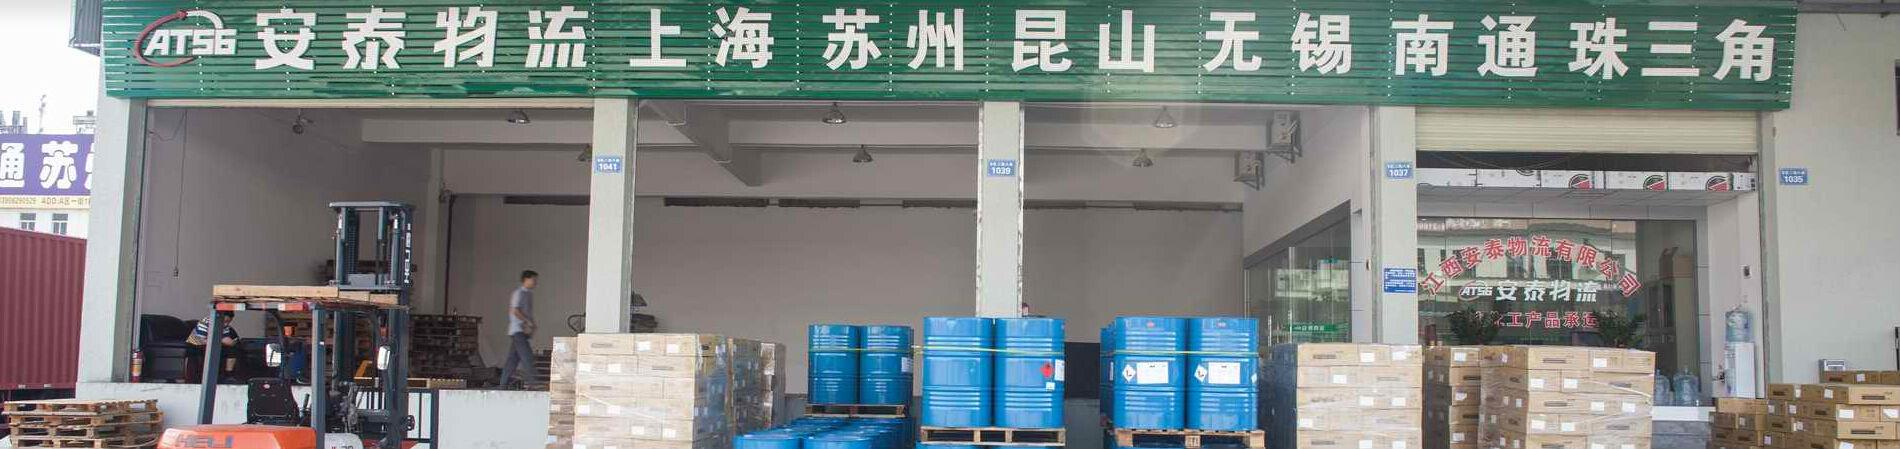 广汉到益阳易燃液体运输公司